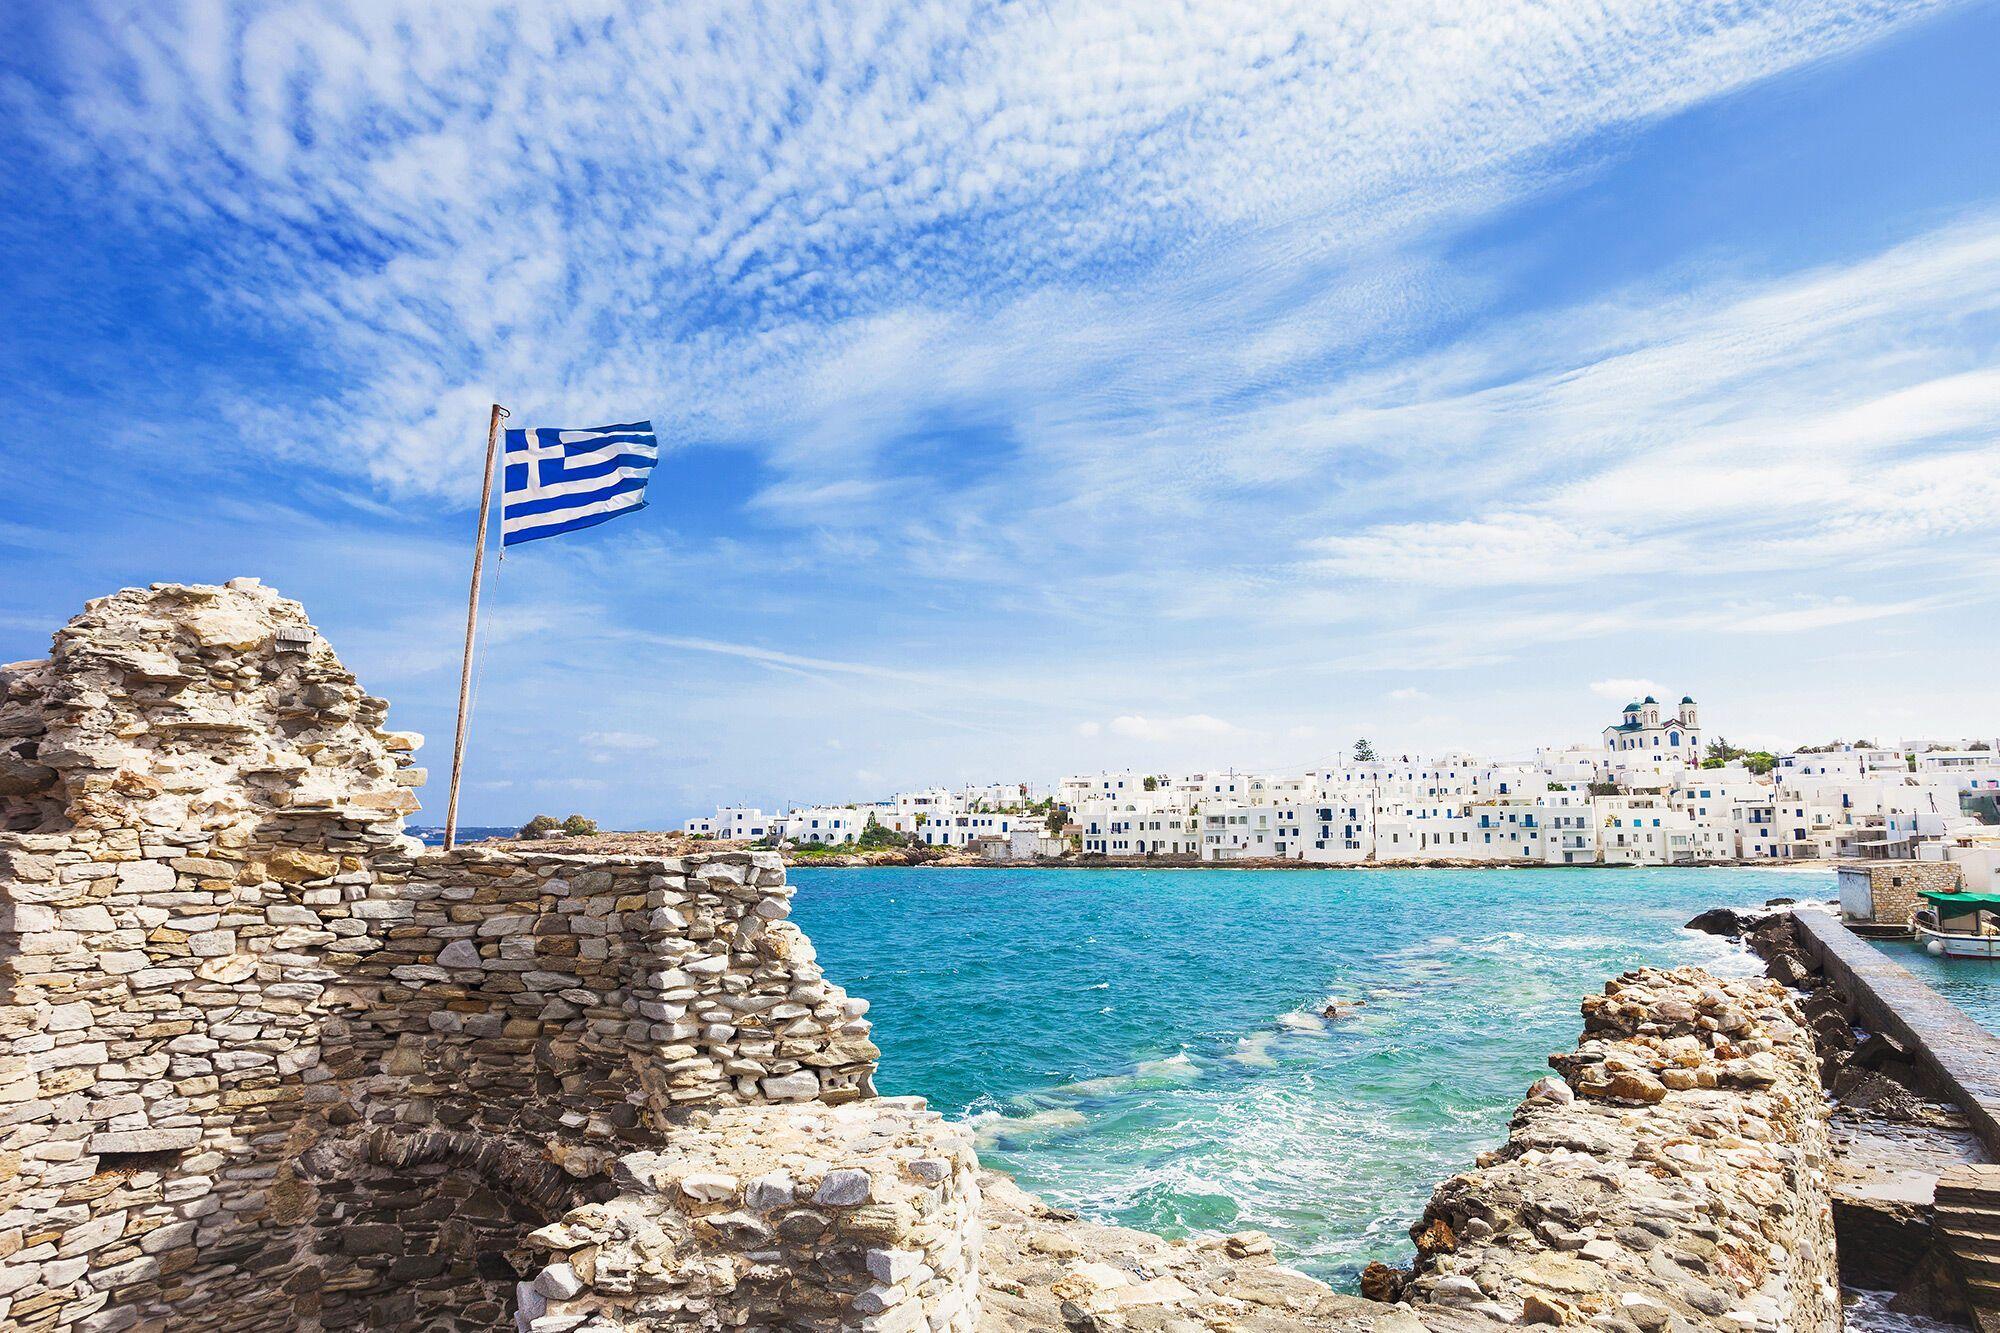 Греция ввела дополнительный сбор для туристов: за что придется доплачивать (фото – aqua-marine.org)